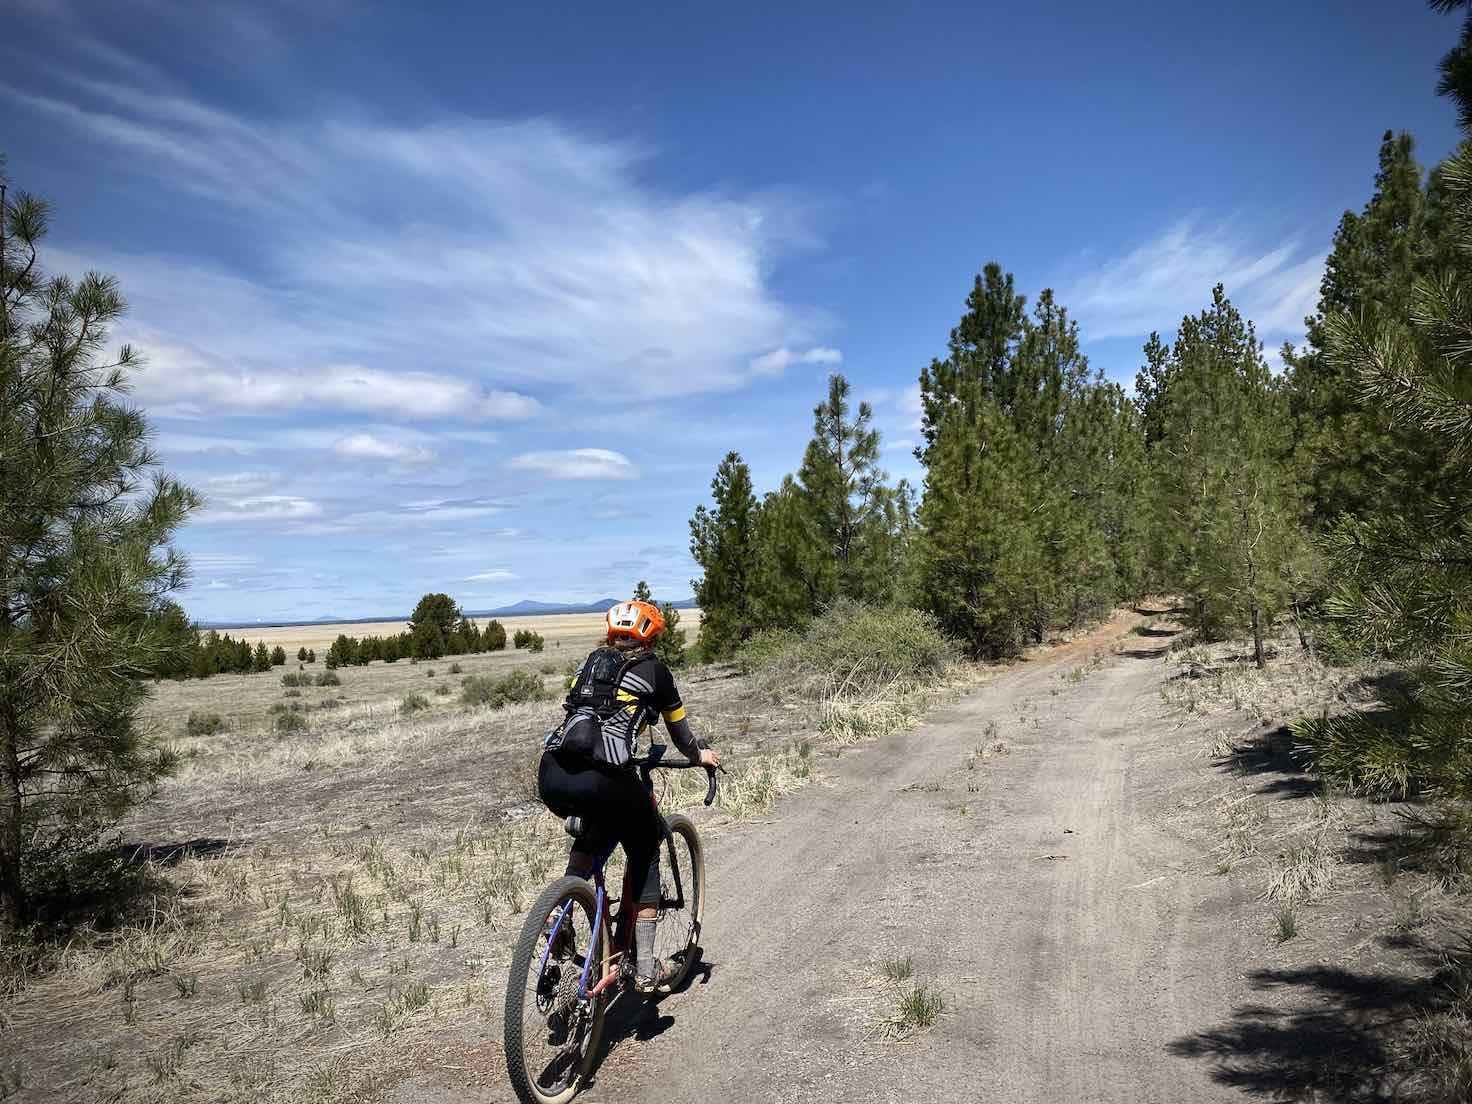 Woman cyclist on dirt road north of Klamath, Oregon.